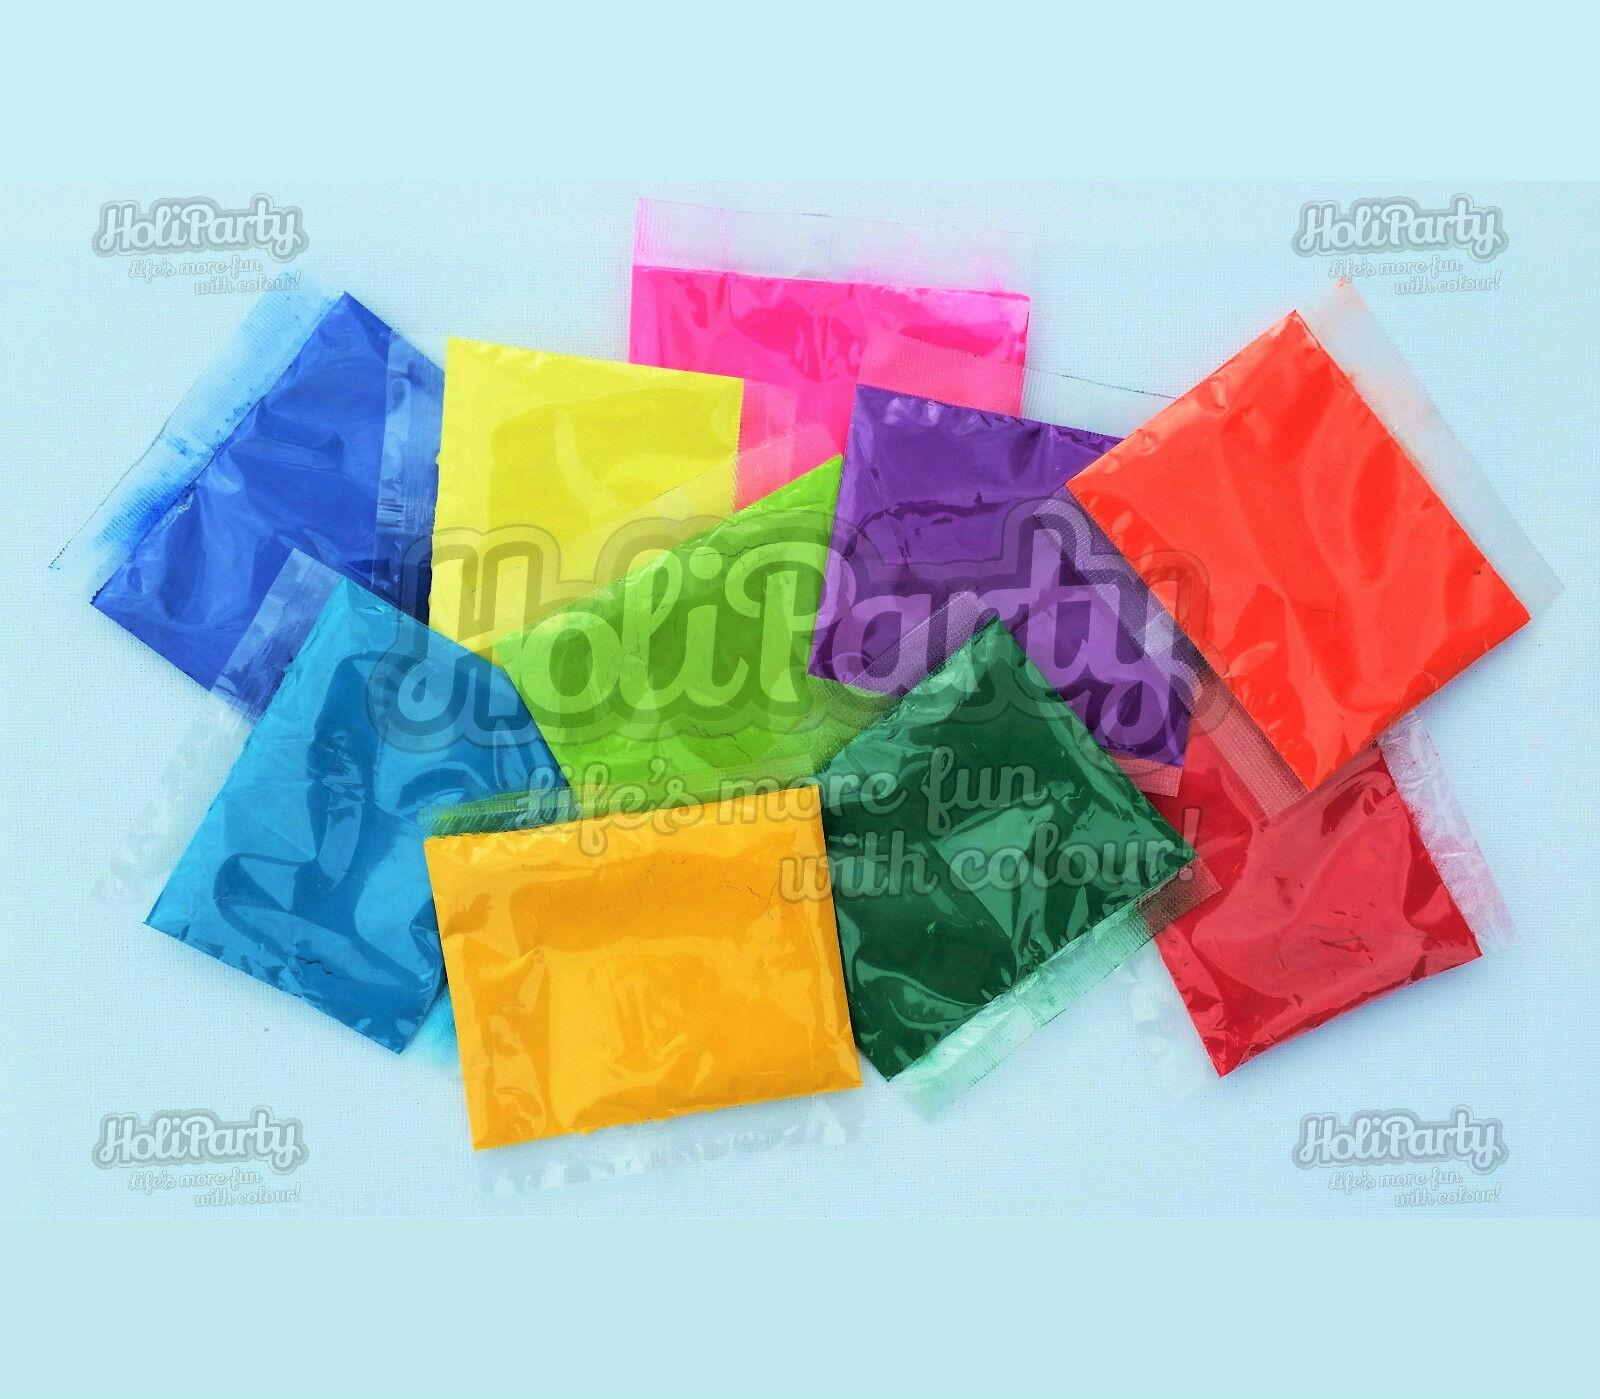 50 x 100g paquets, 10 run/jeter couleurs holi poudre bundle (couleur run/jeter 10 des poudres) fb079d